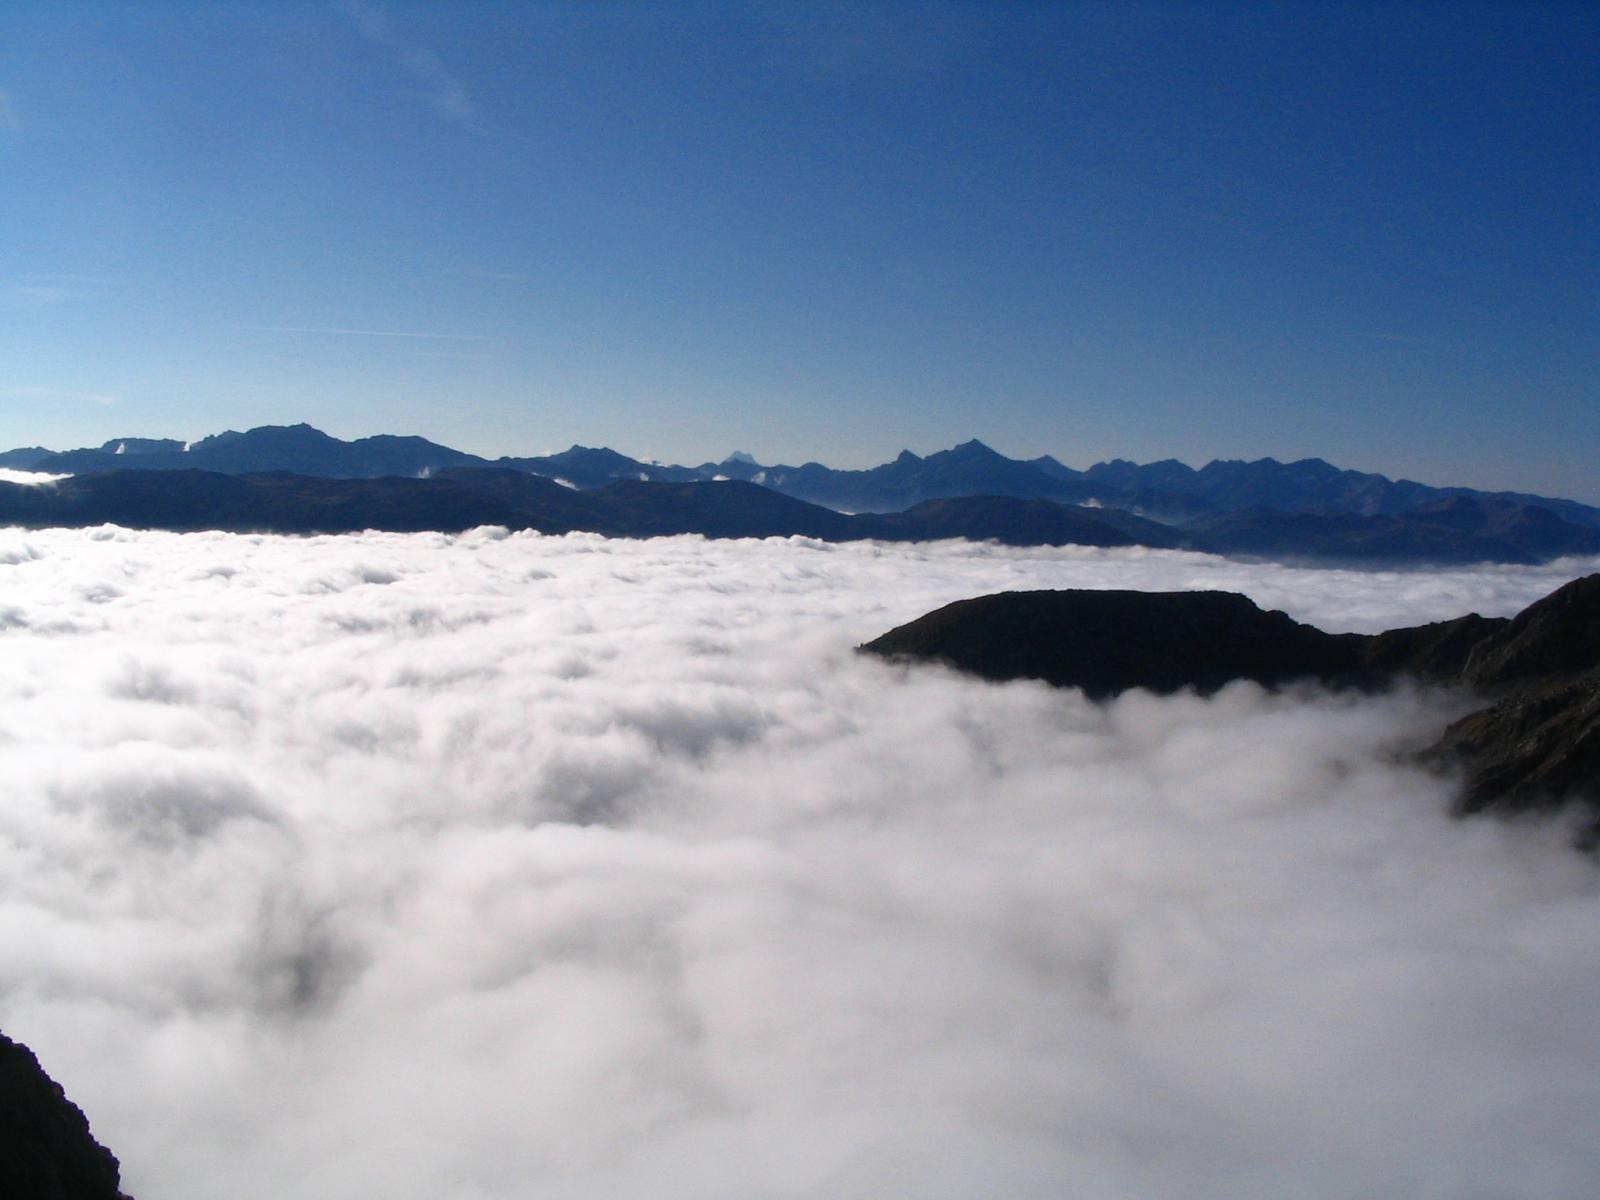 Mare di nubi sotto di noi